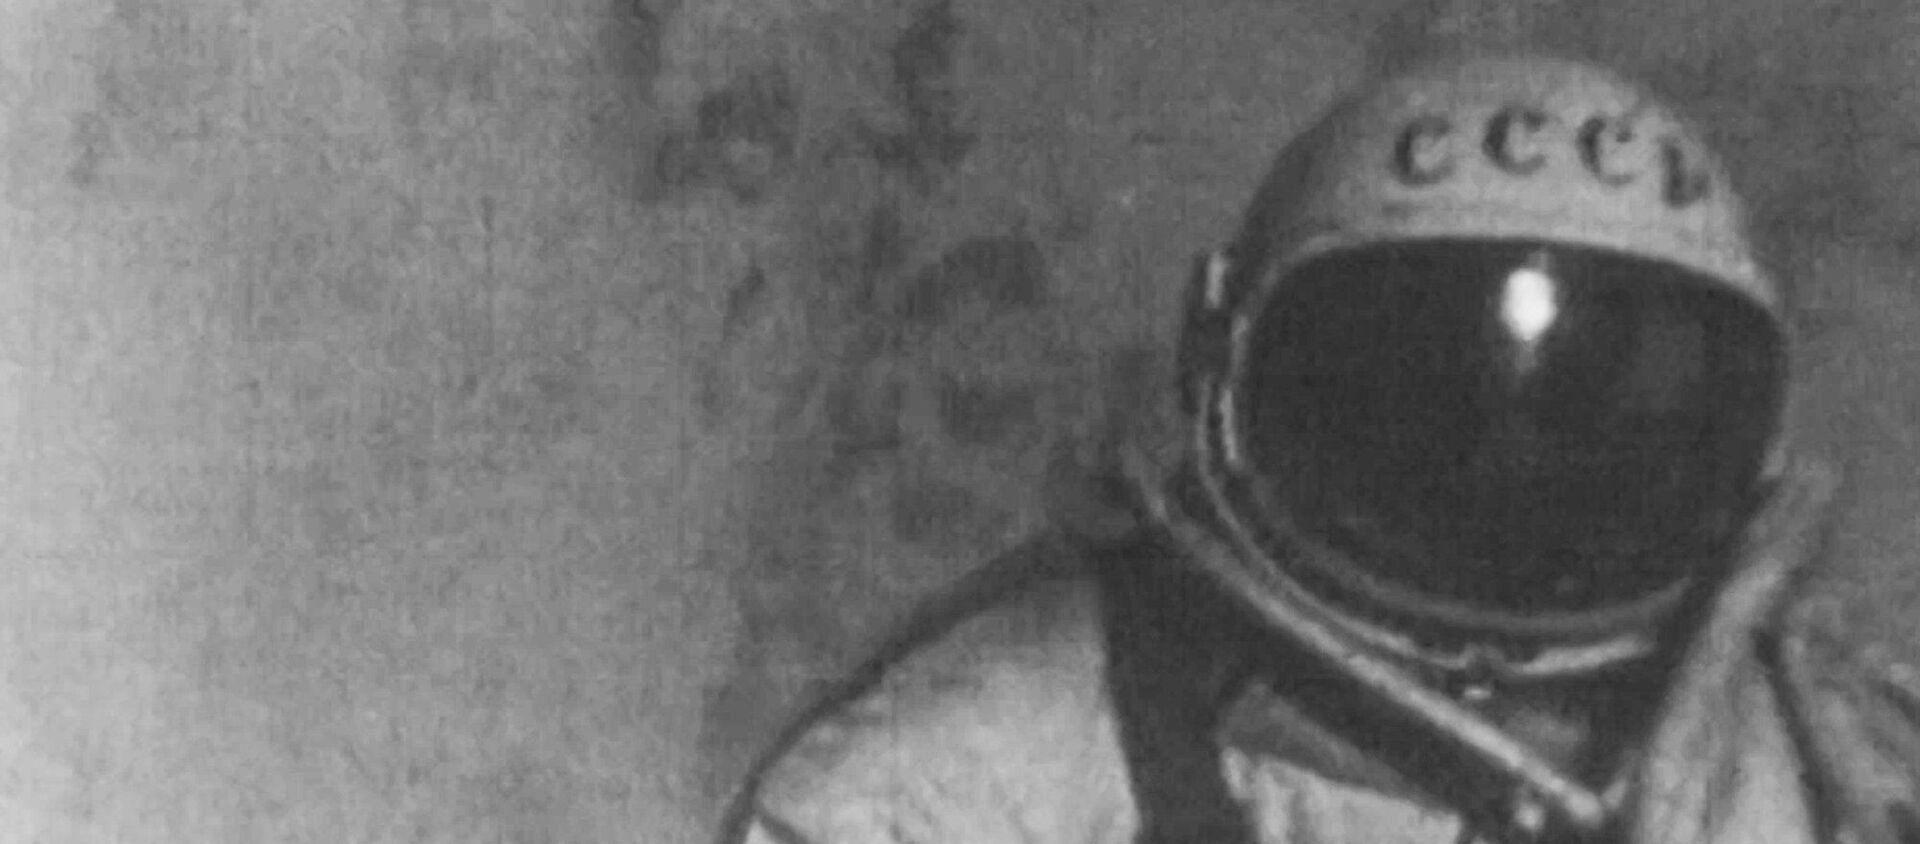 Мир отмечает День космонавтики - Sputnik Азербайджан, 1920, 12.04.2021